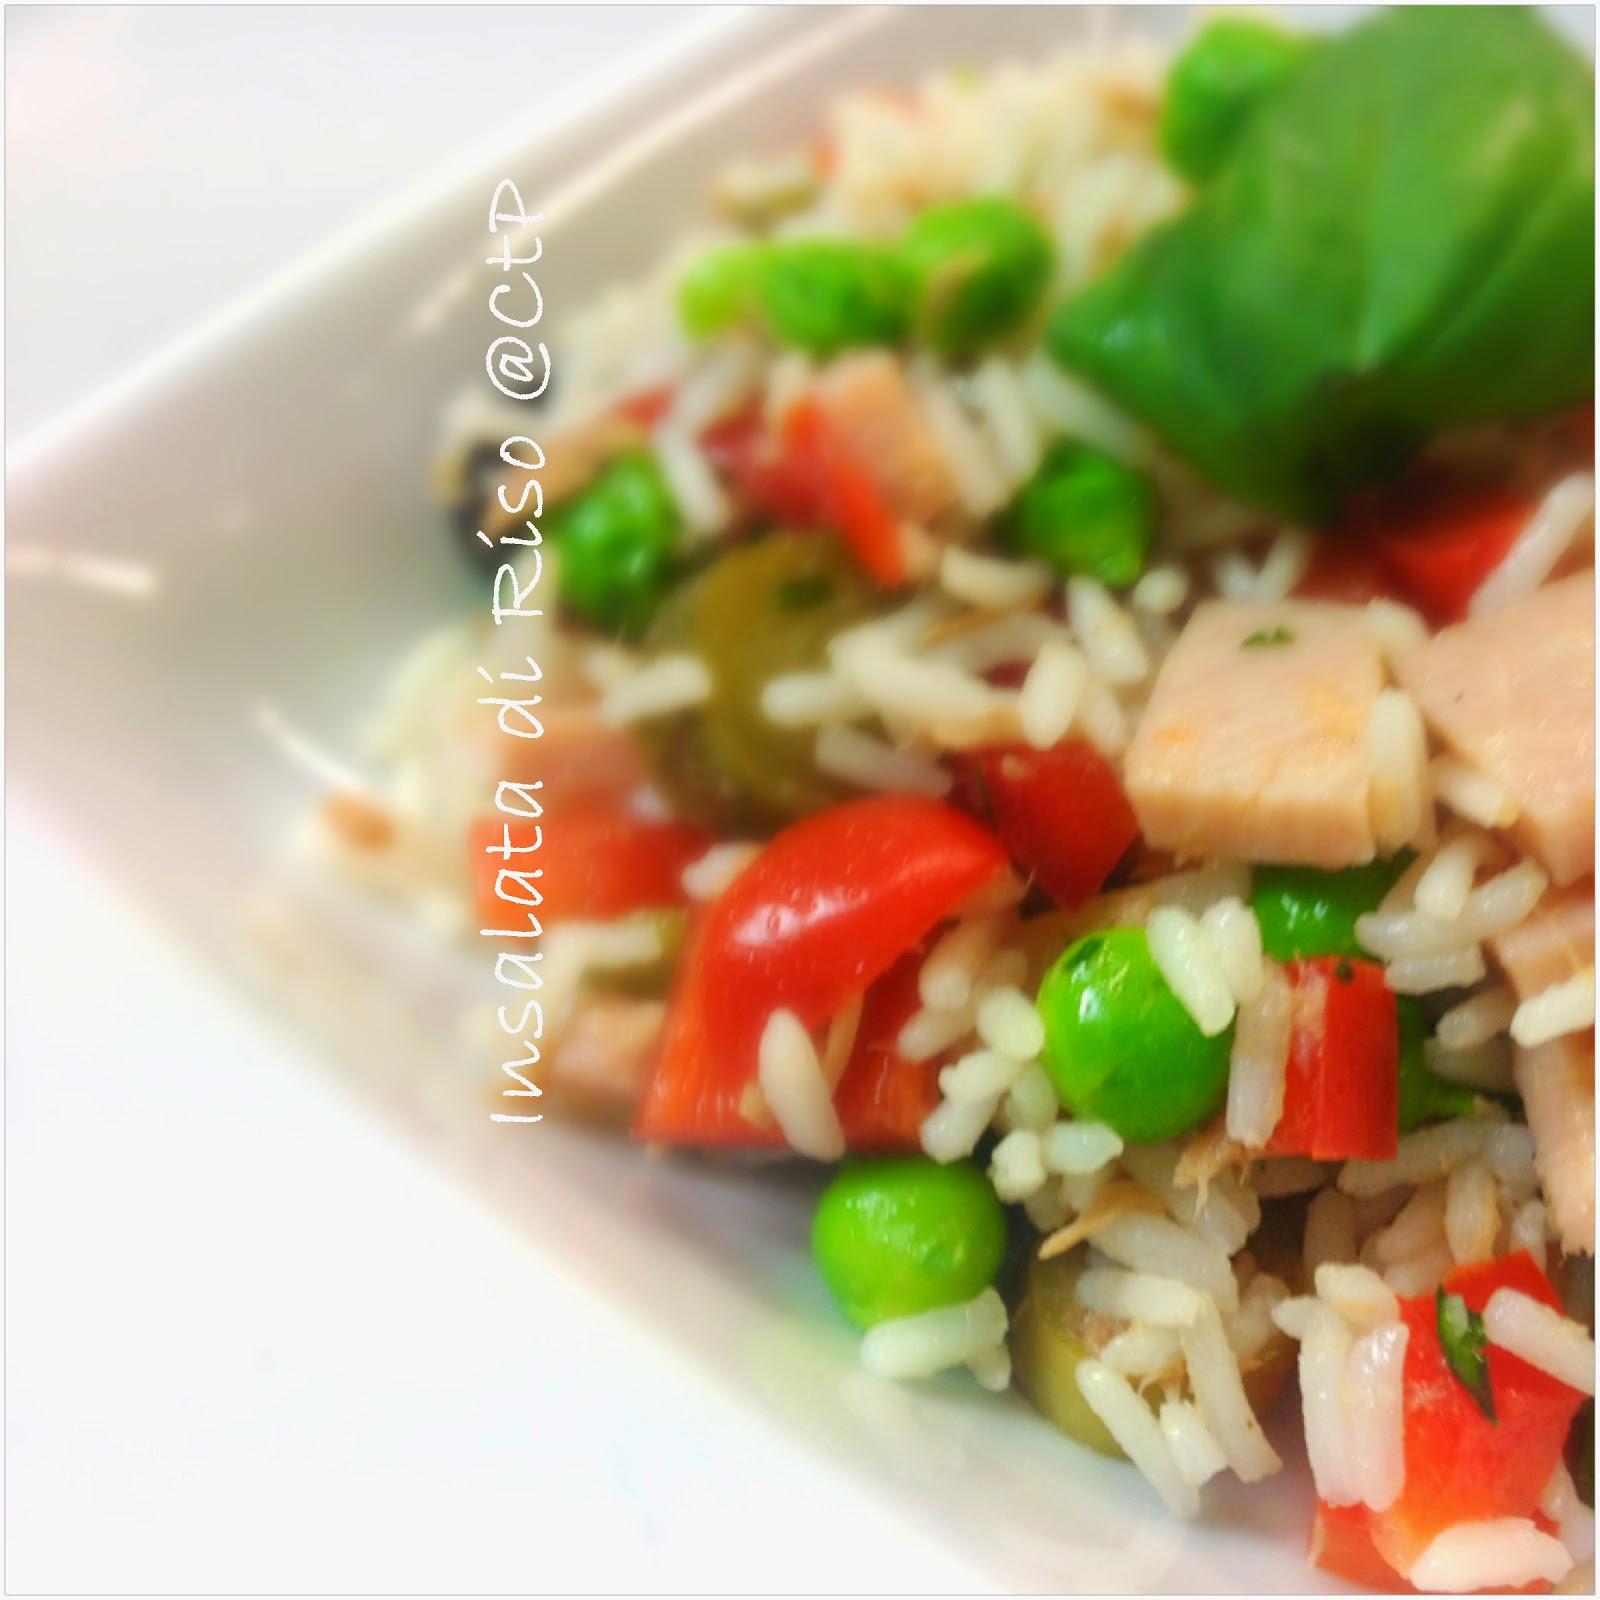 ricetta insalata di riso piselli prosciutto cotto peperoni tonno cetrioli olive verde e pomodorini datterini